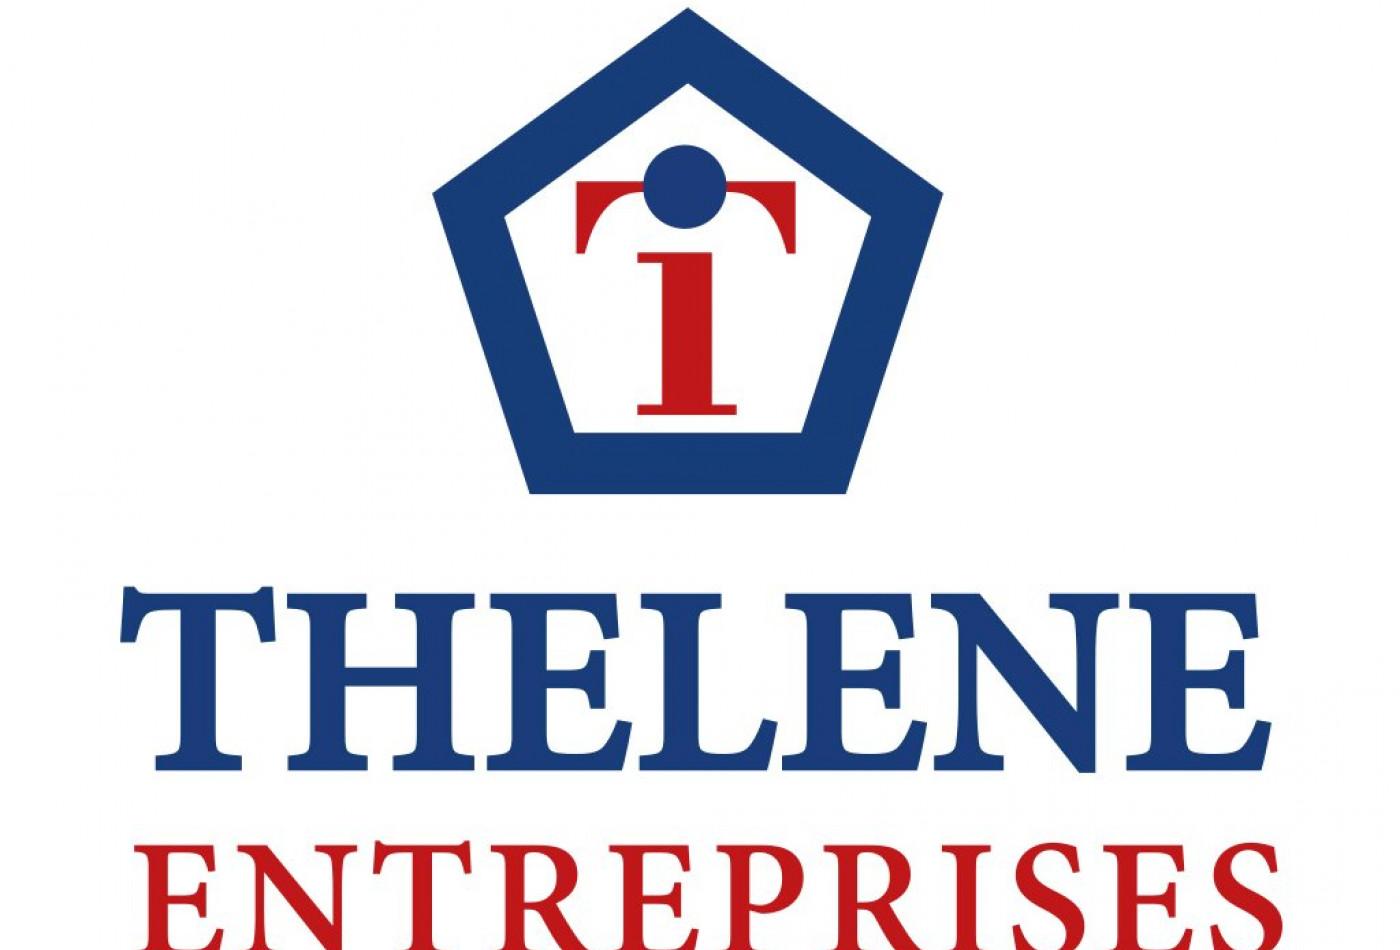 A vendre  Montpellier | Réf 3448215155 - Immobilier entreprises